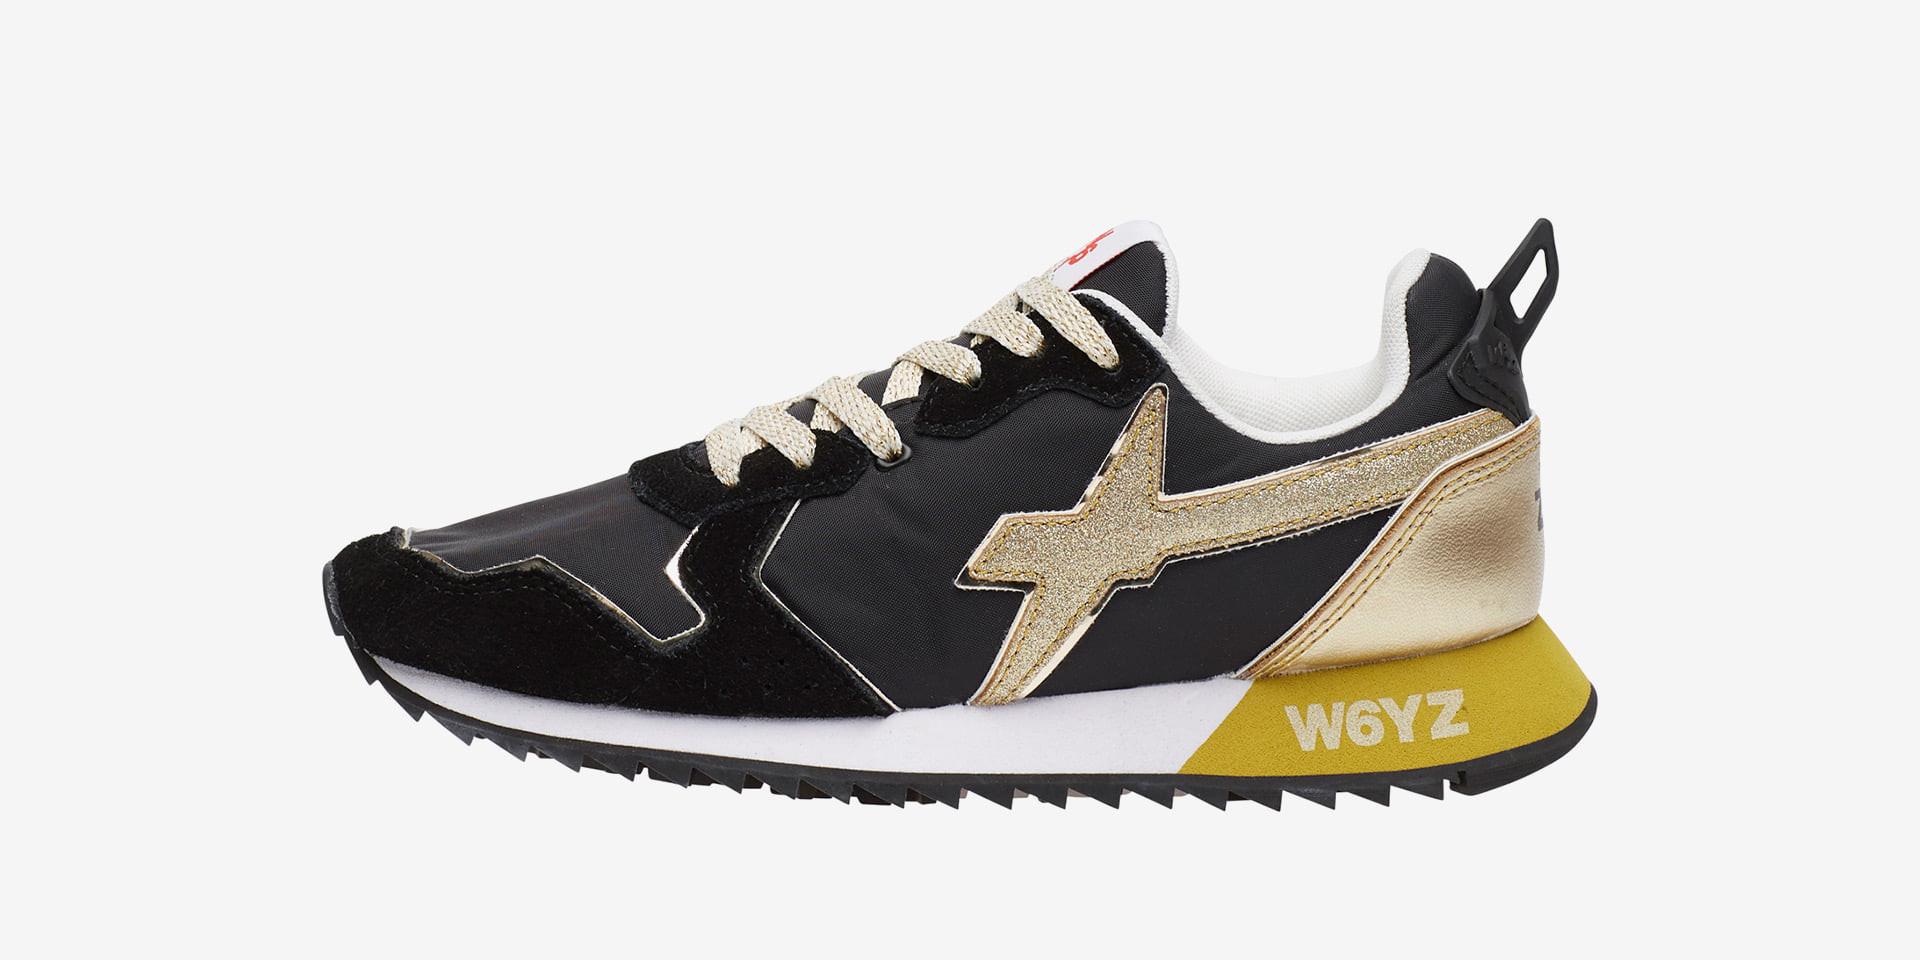 JET-W. - Sneaker in tessuto tecnico e suede - Nero-Platino